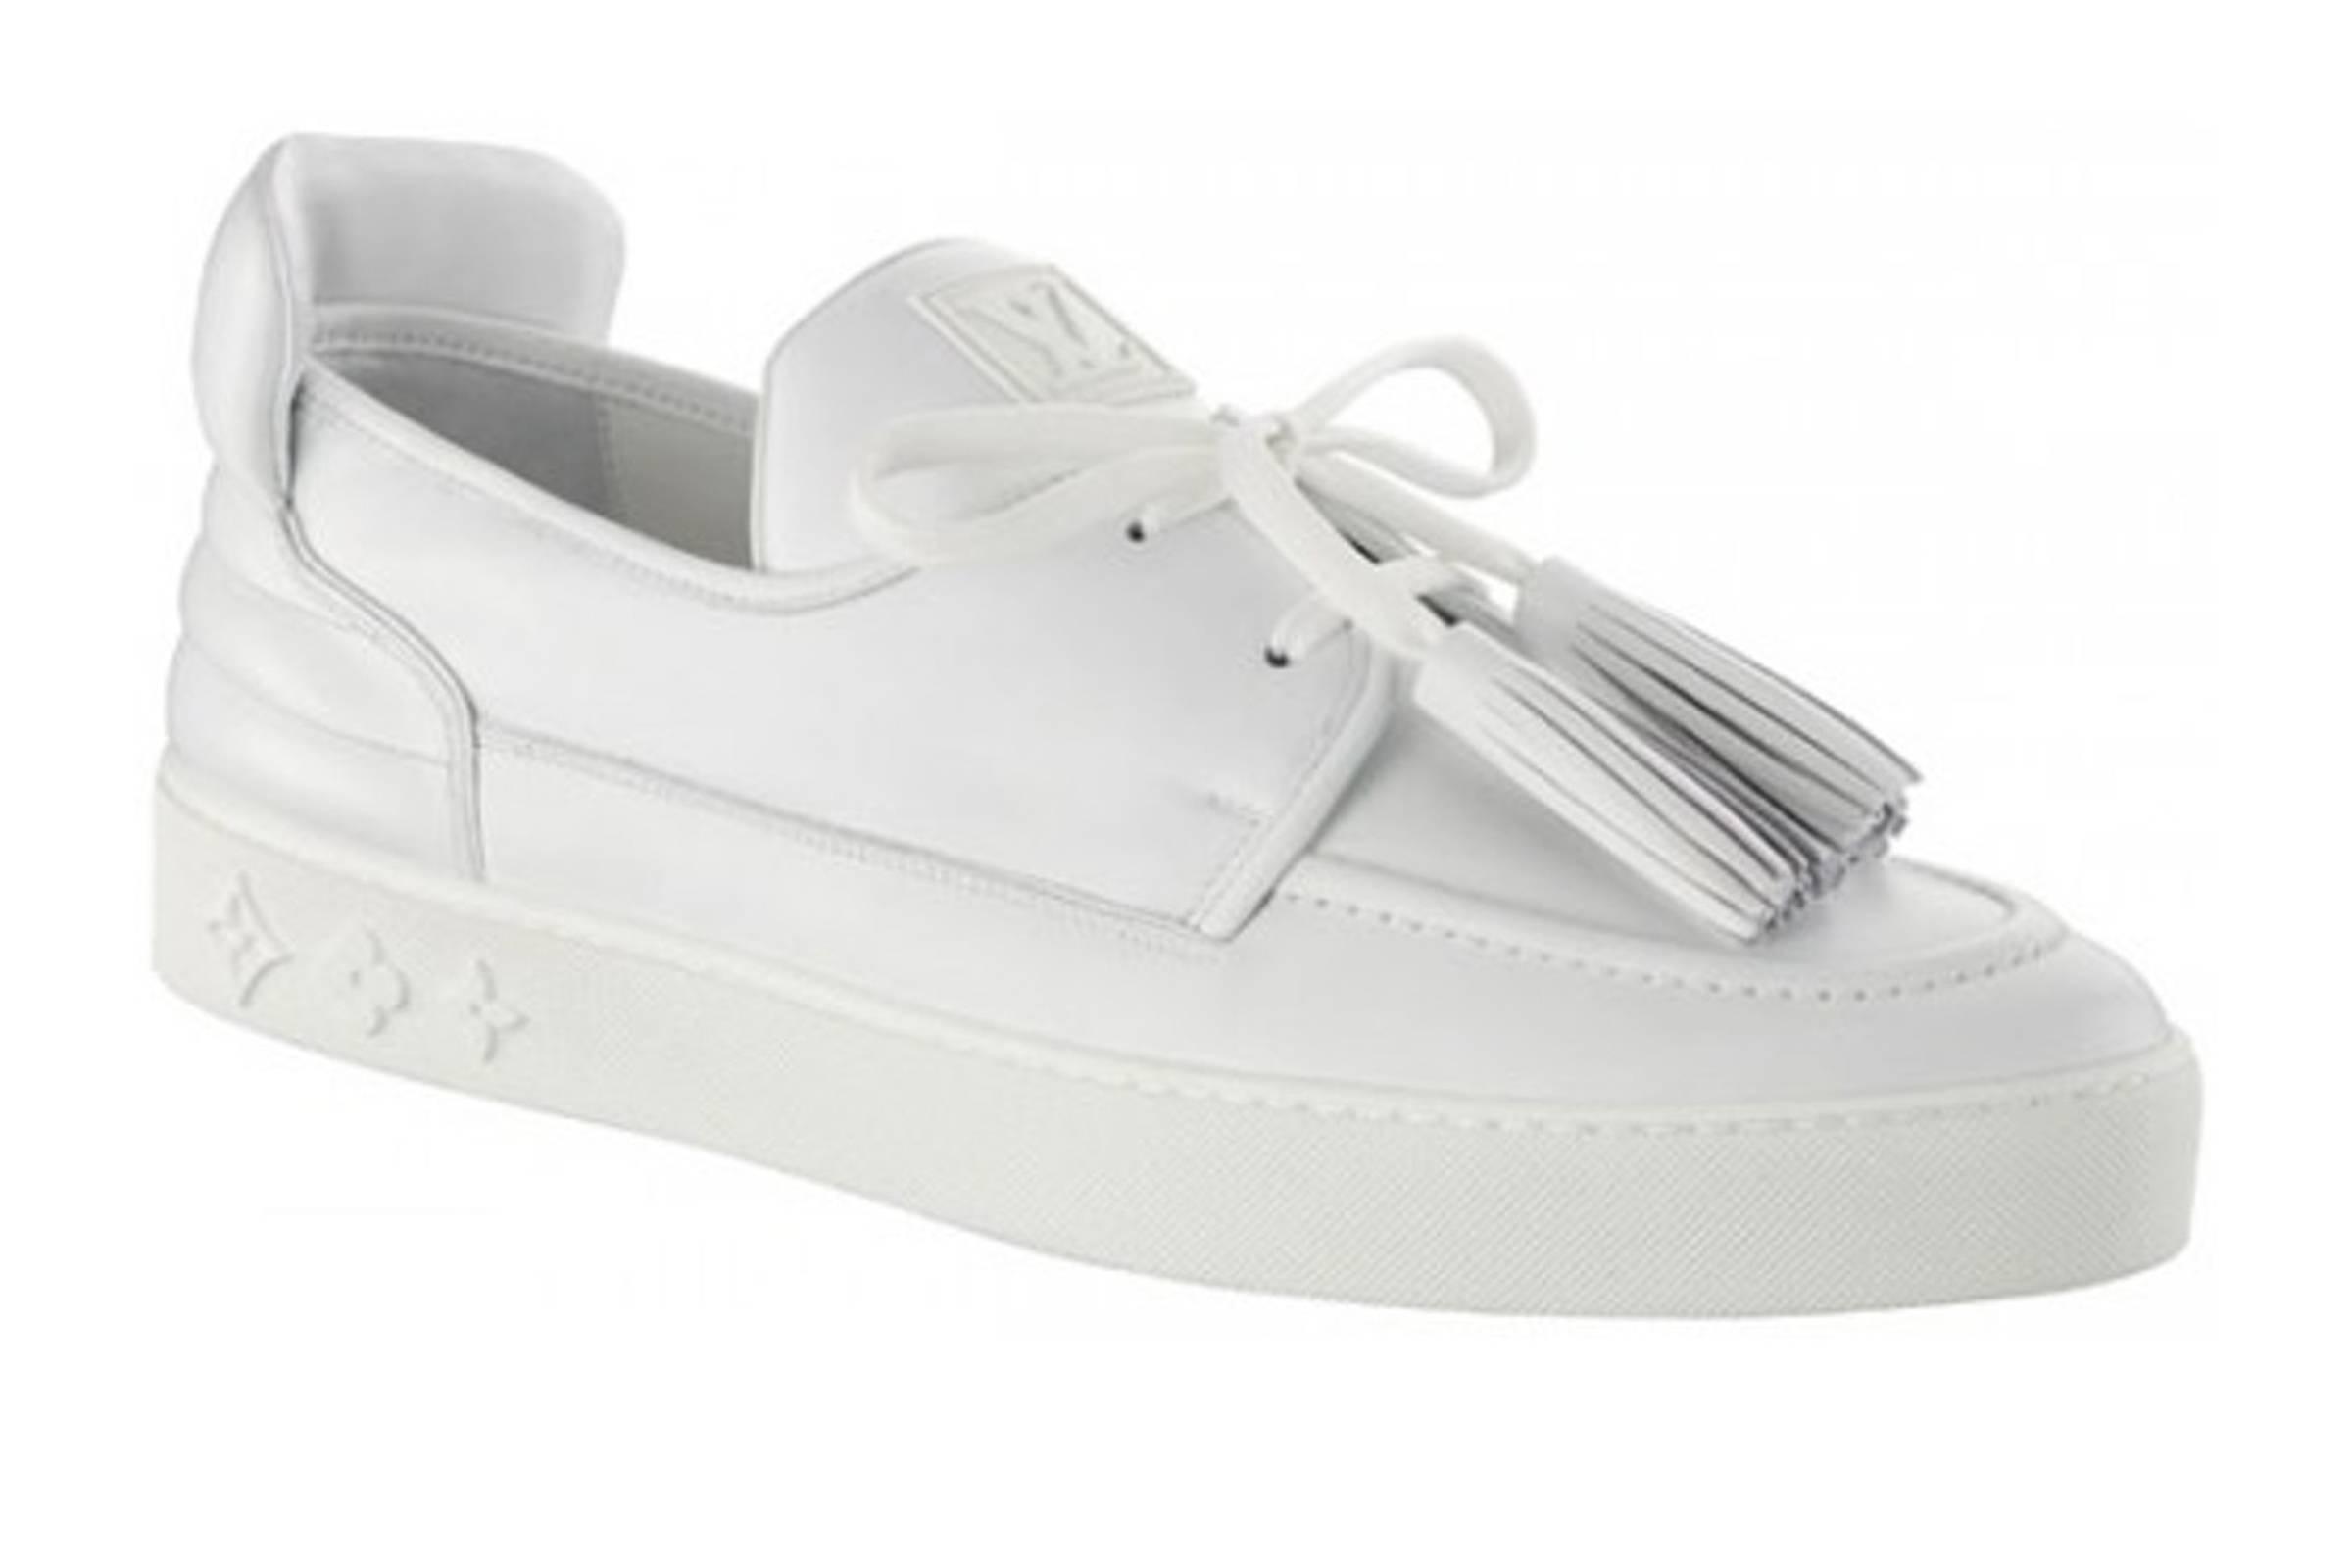 Kanye West x Louis Vuitton Mr. Hudson Shoes